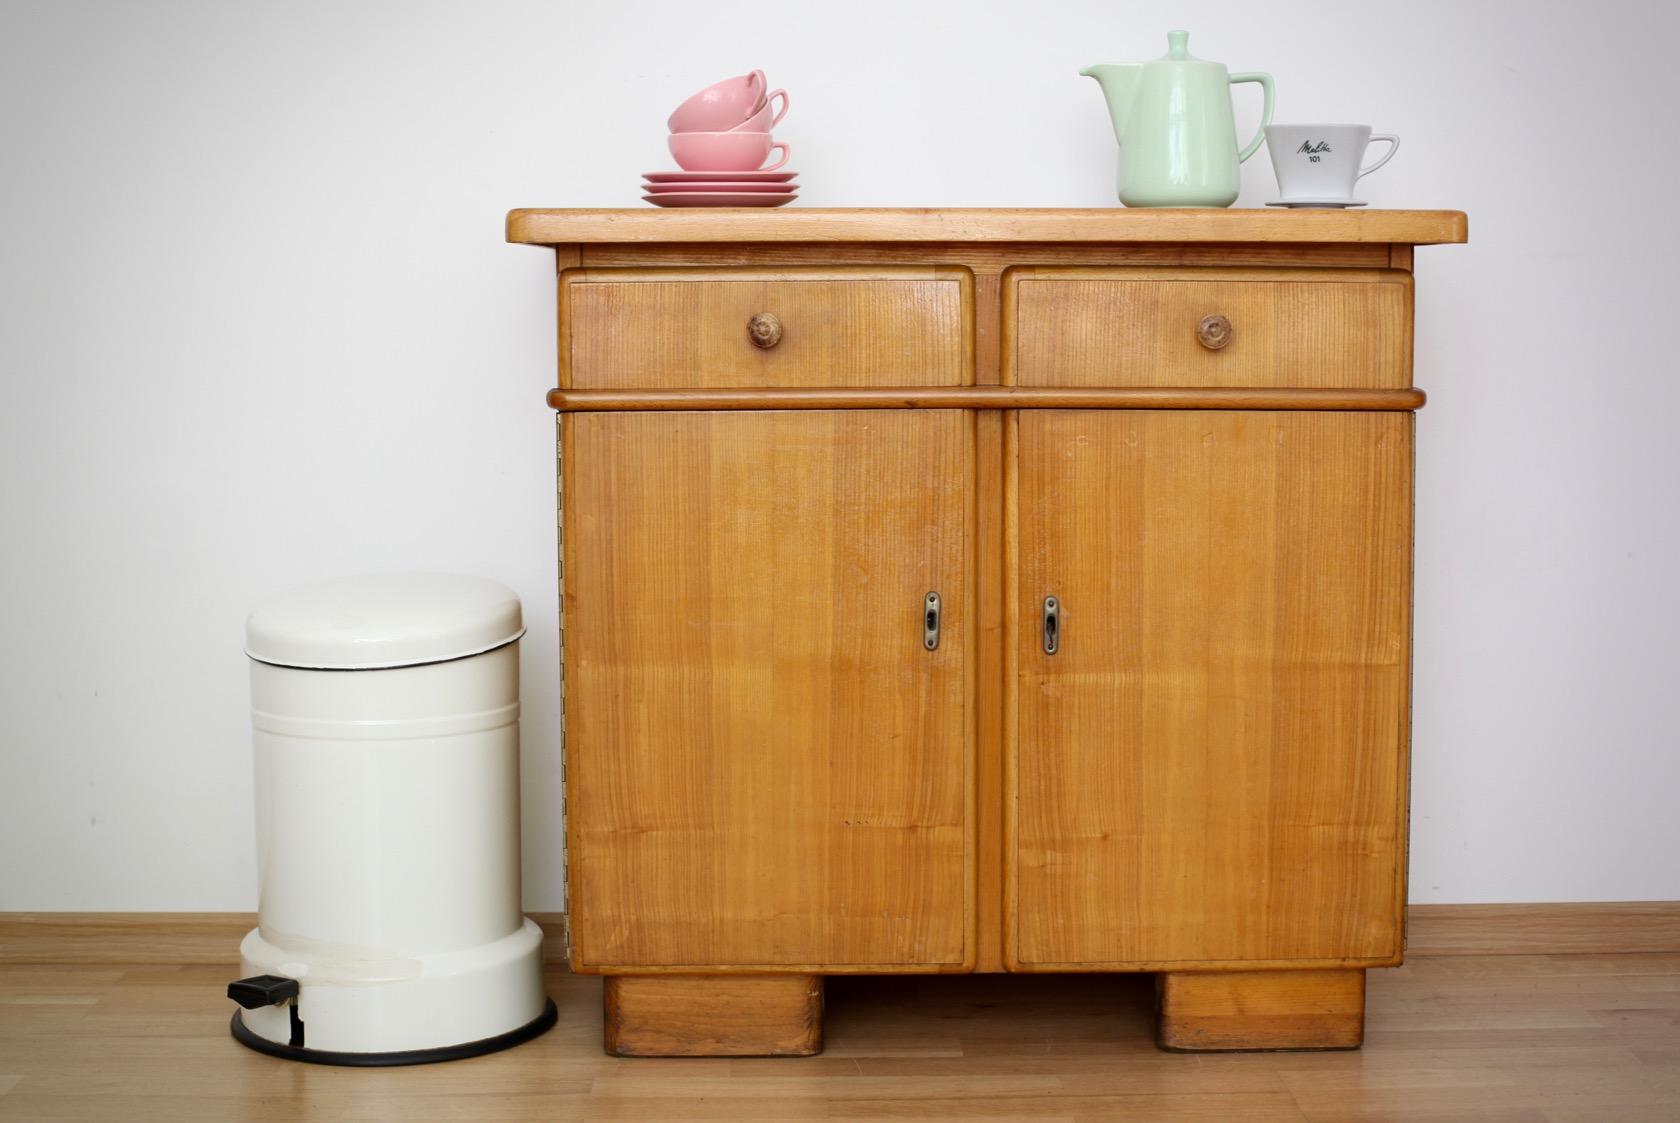 kleiner k chenschrank aus den 50er jahren raumwunder. Black Bedroom Furniture Sets. Home Design Ideas